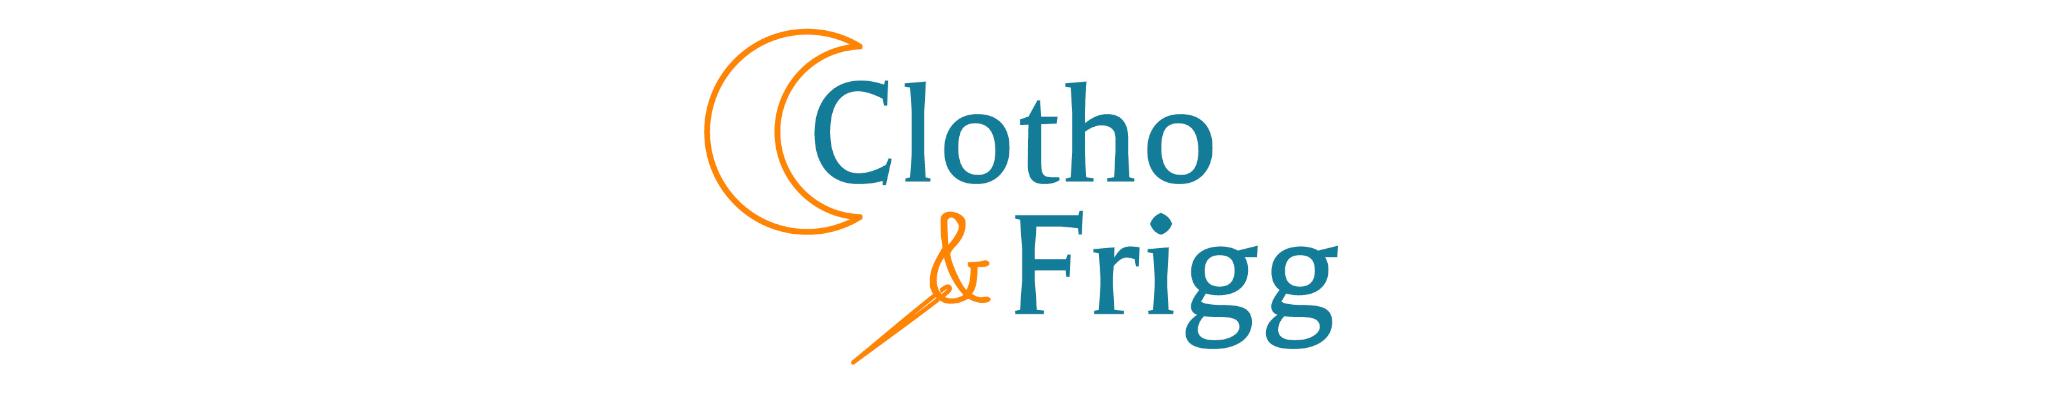 Clotho & Frigg